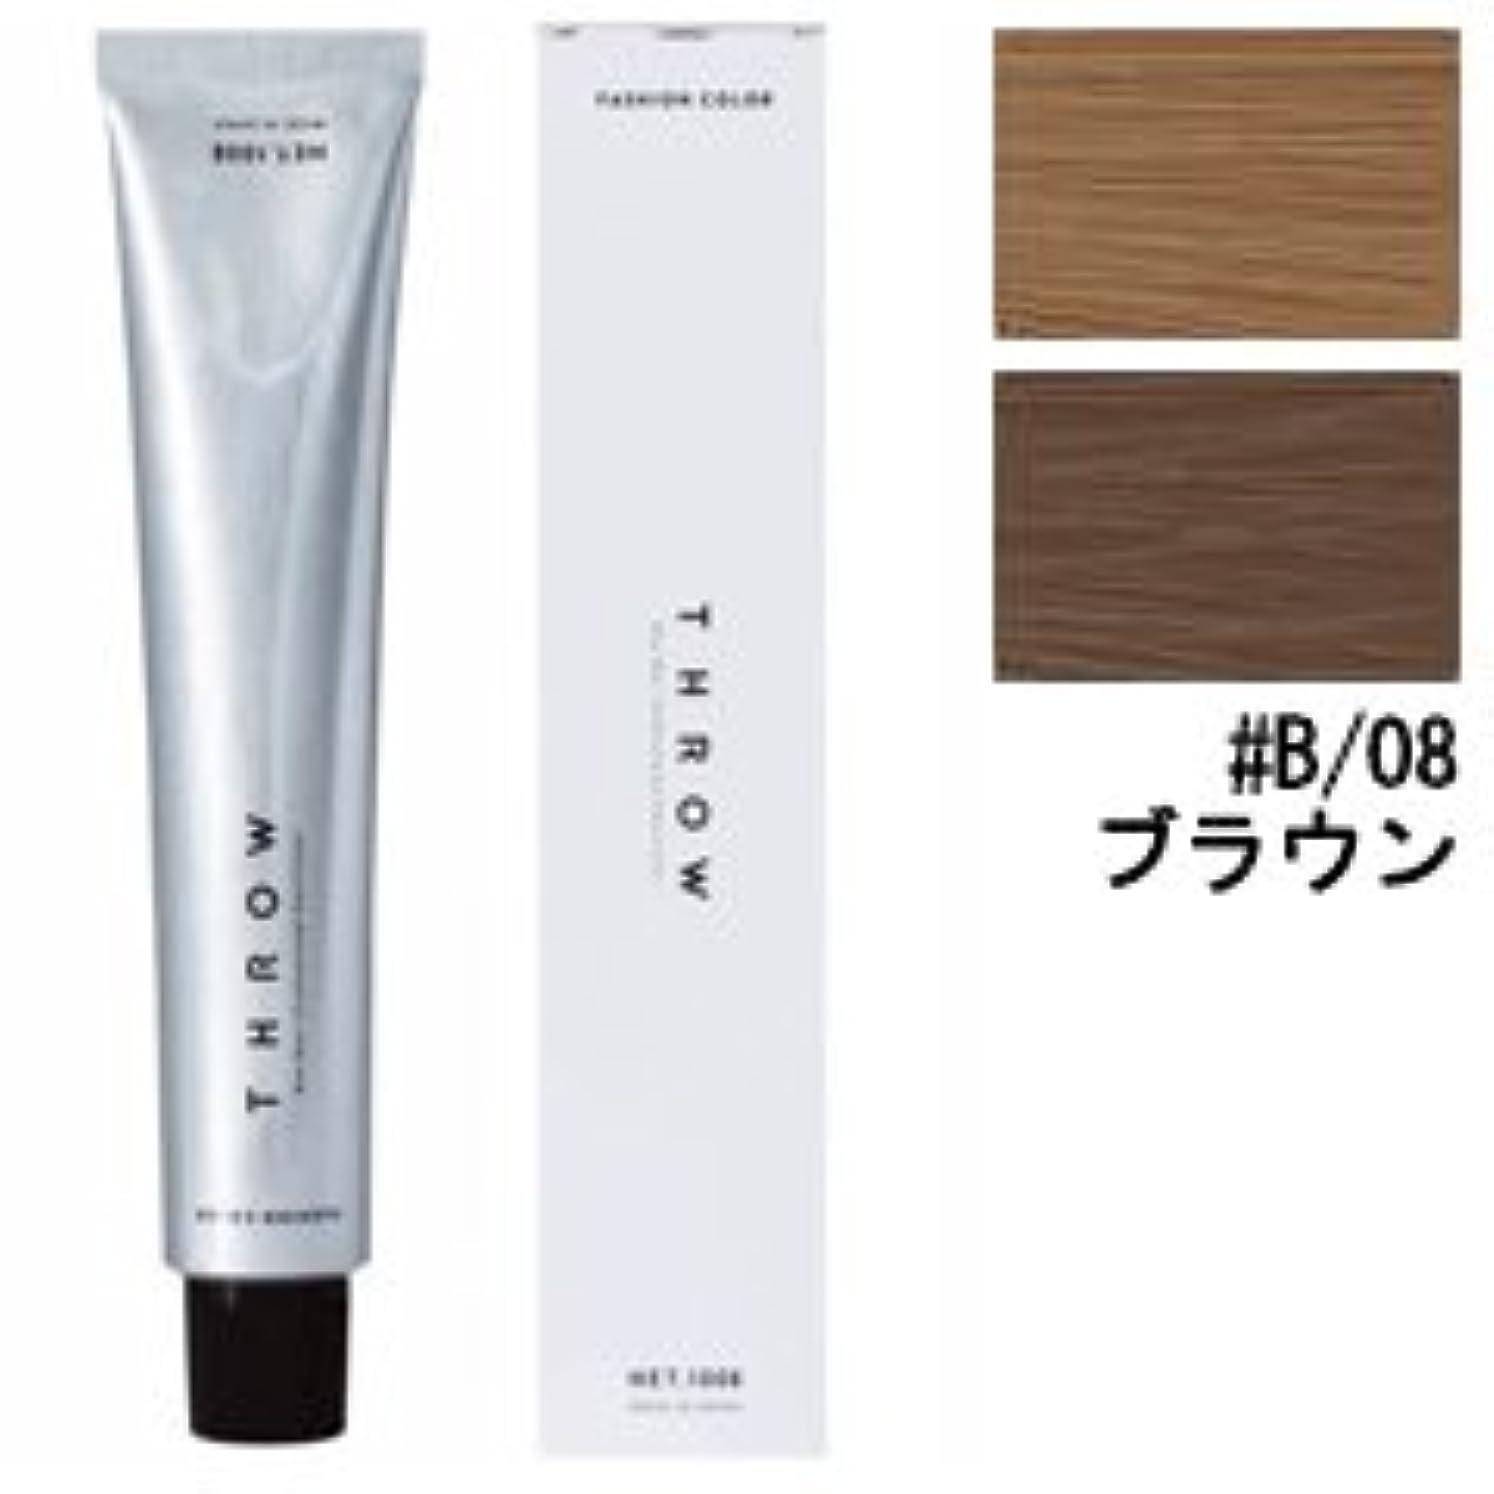 【モルトベーネ】スロウ ファッションカラー #B/08 ブラウン 100g